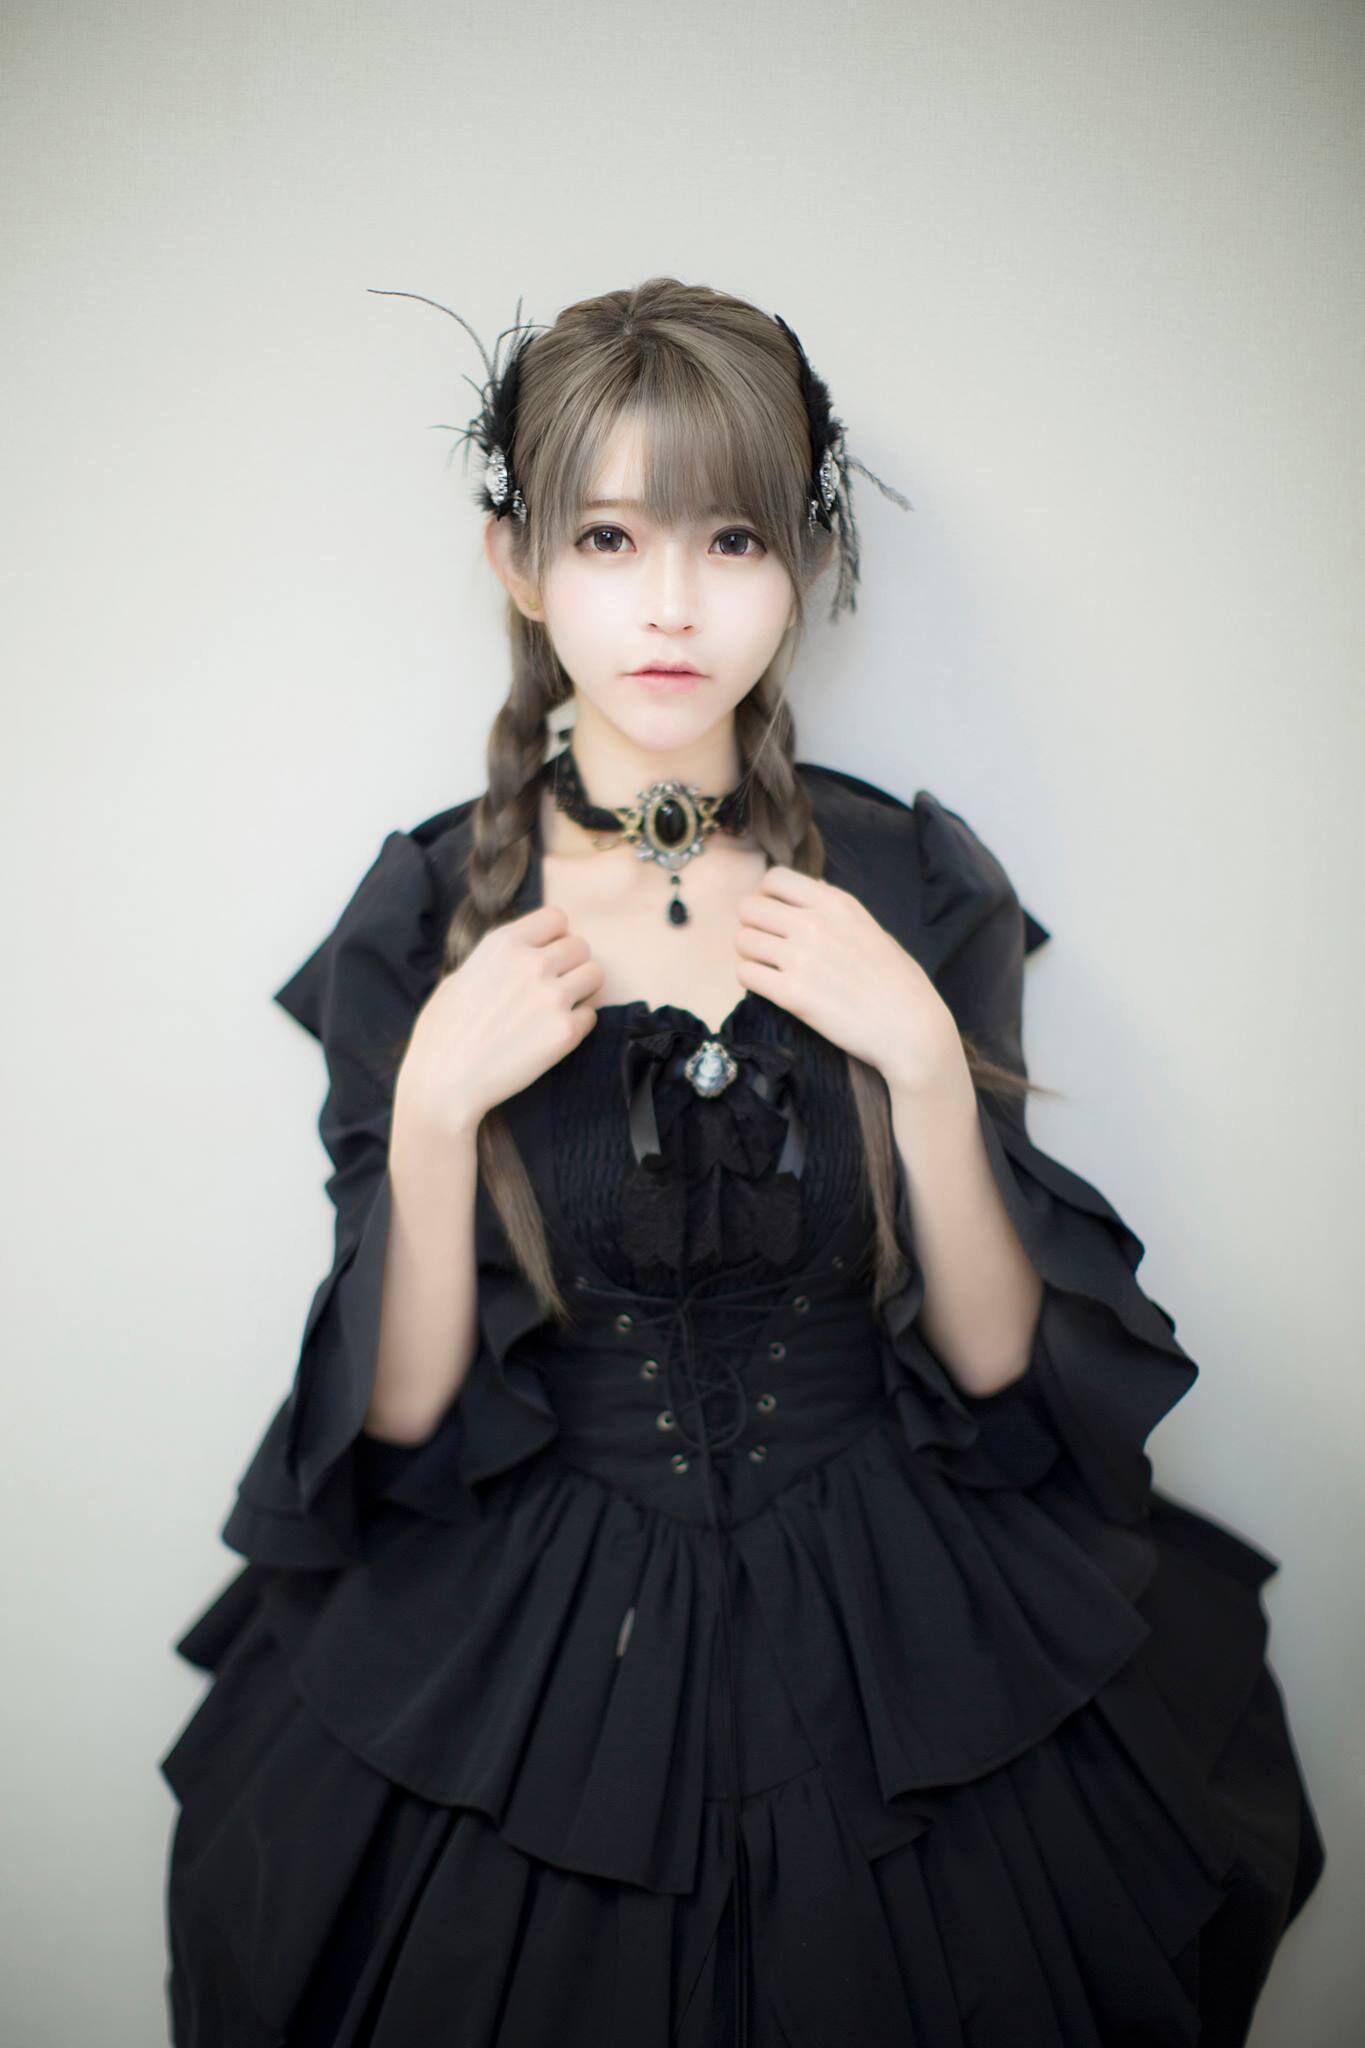 洛丽塔风格服装_百度洛丽塔风格图片里有个黑衣服的女生 叫什么名字